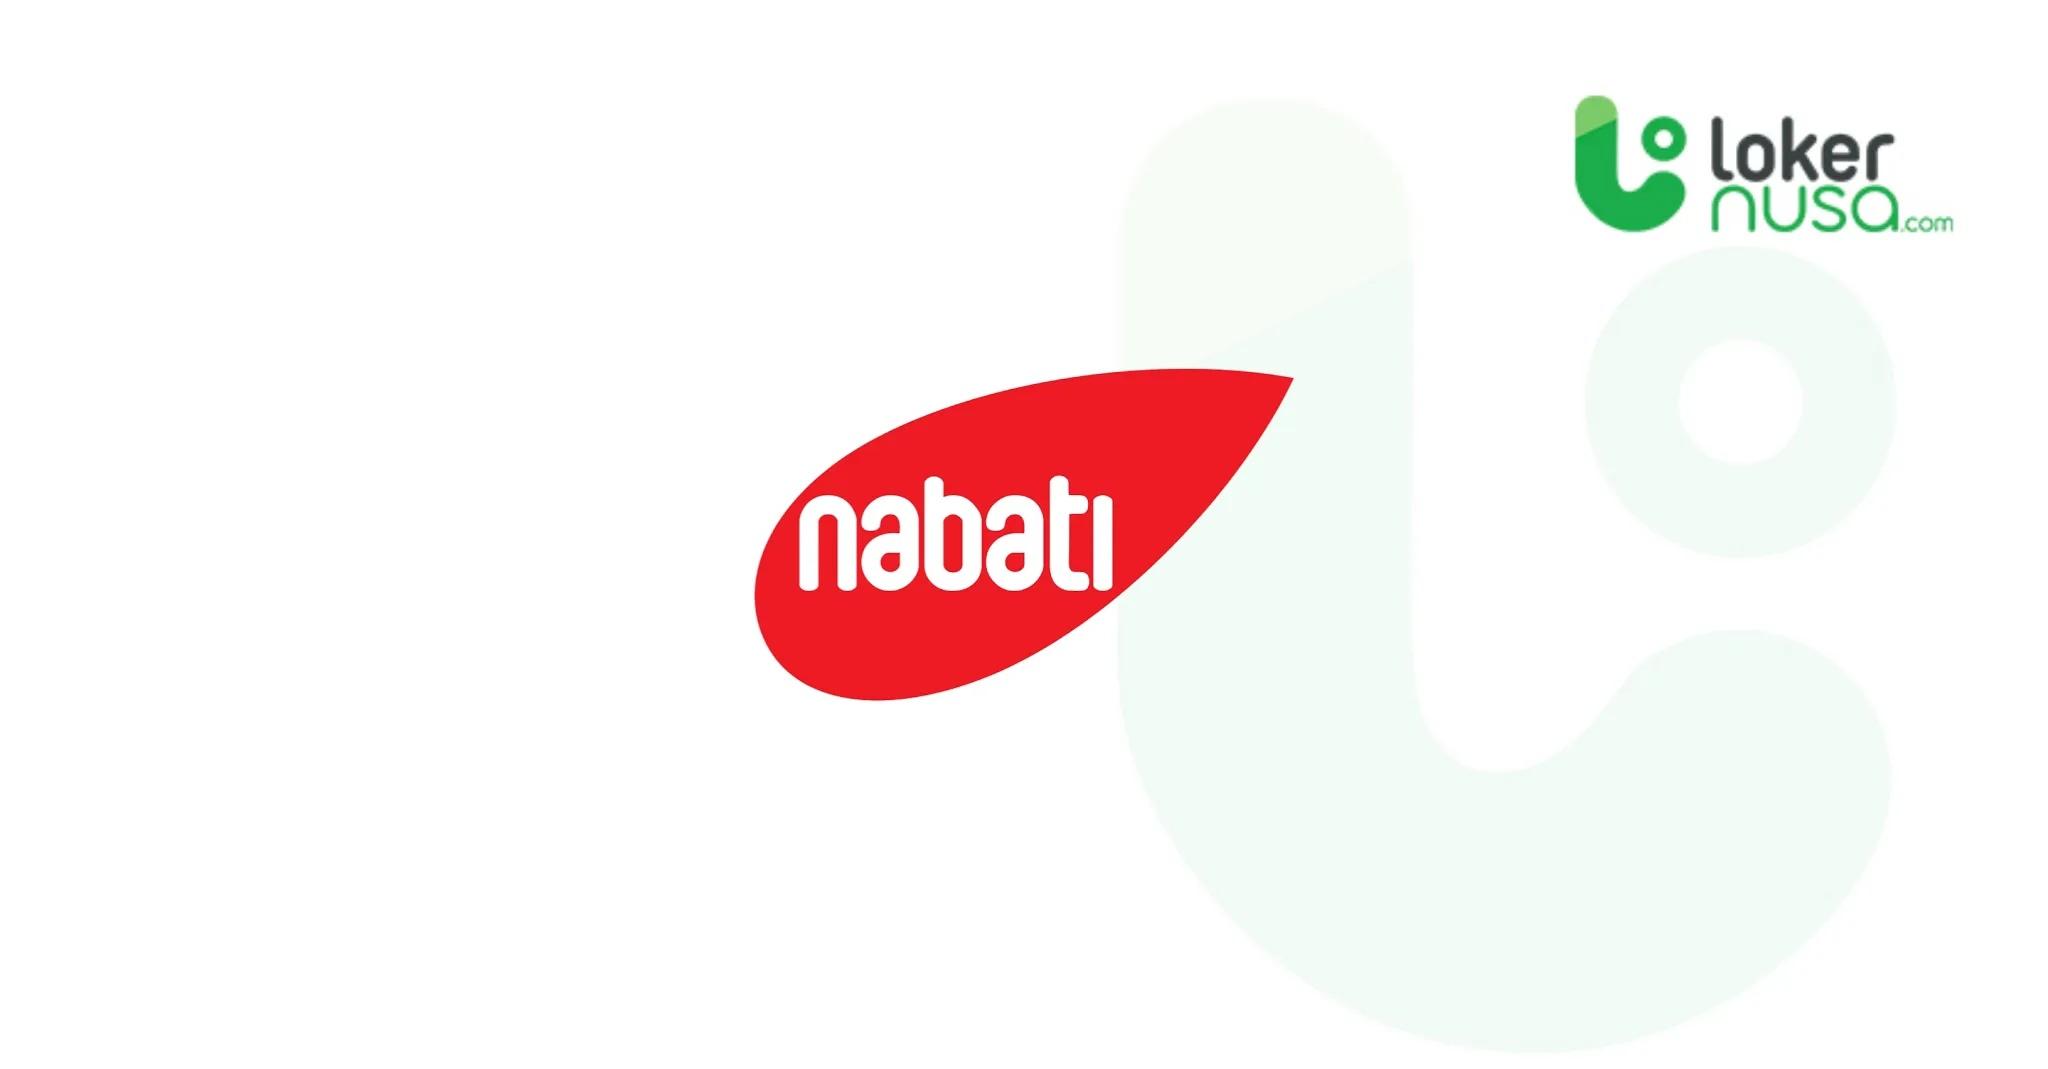 Lowongan Kerja Juli 2021 Nabati Group